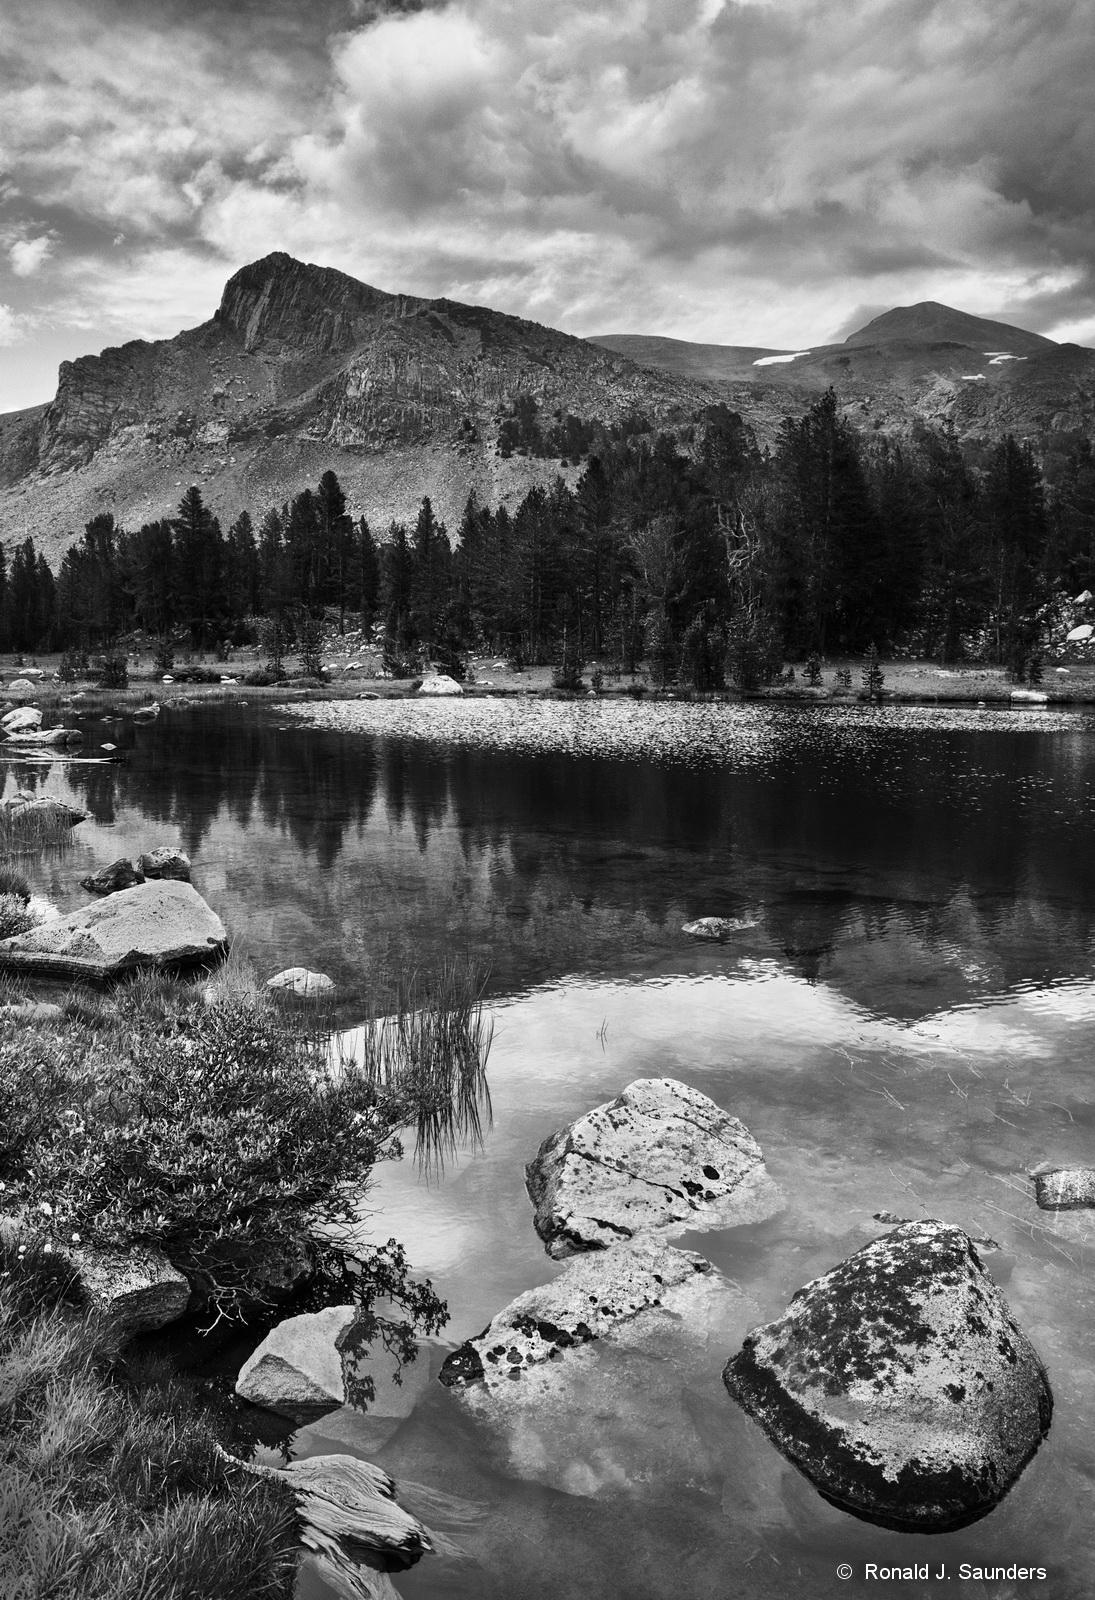 Mount Dana, ronald, saunders, Yosemite, National Park, lake, reflection, best image, photograph, black and white, landscape, image, photo